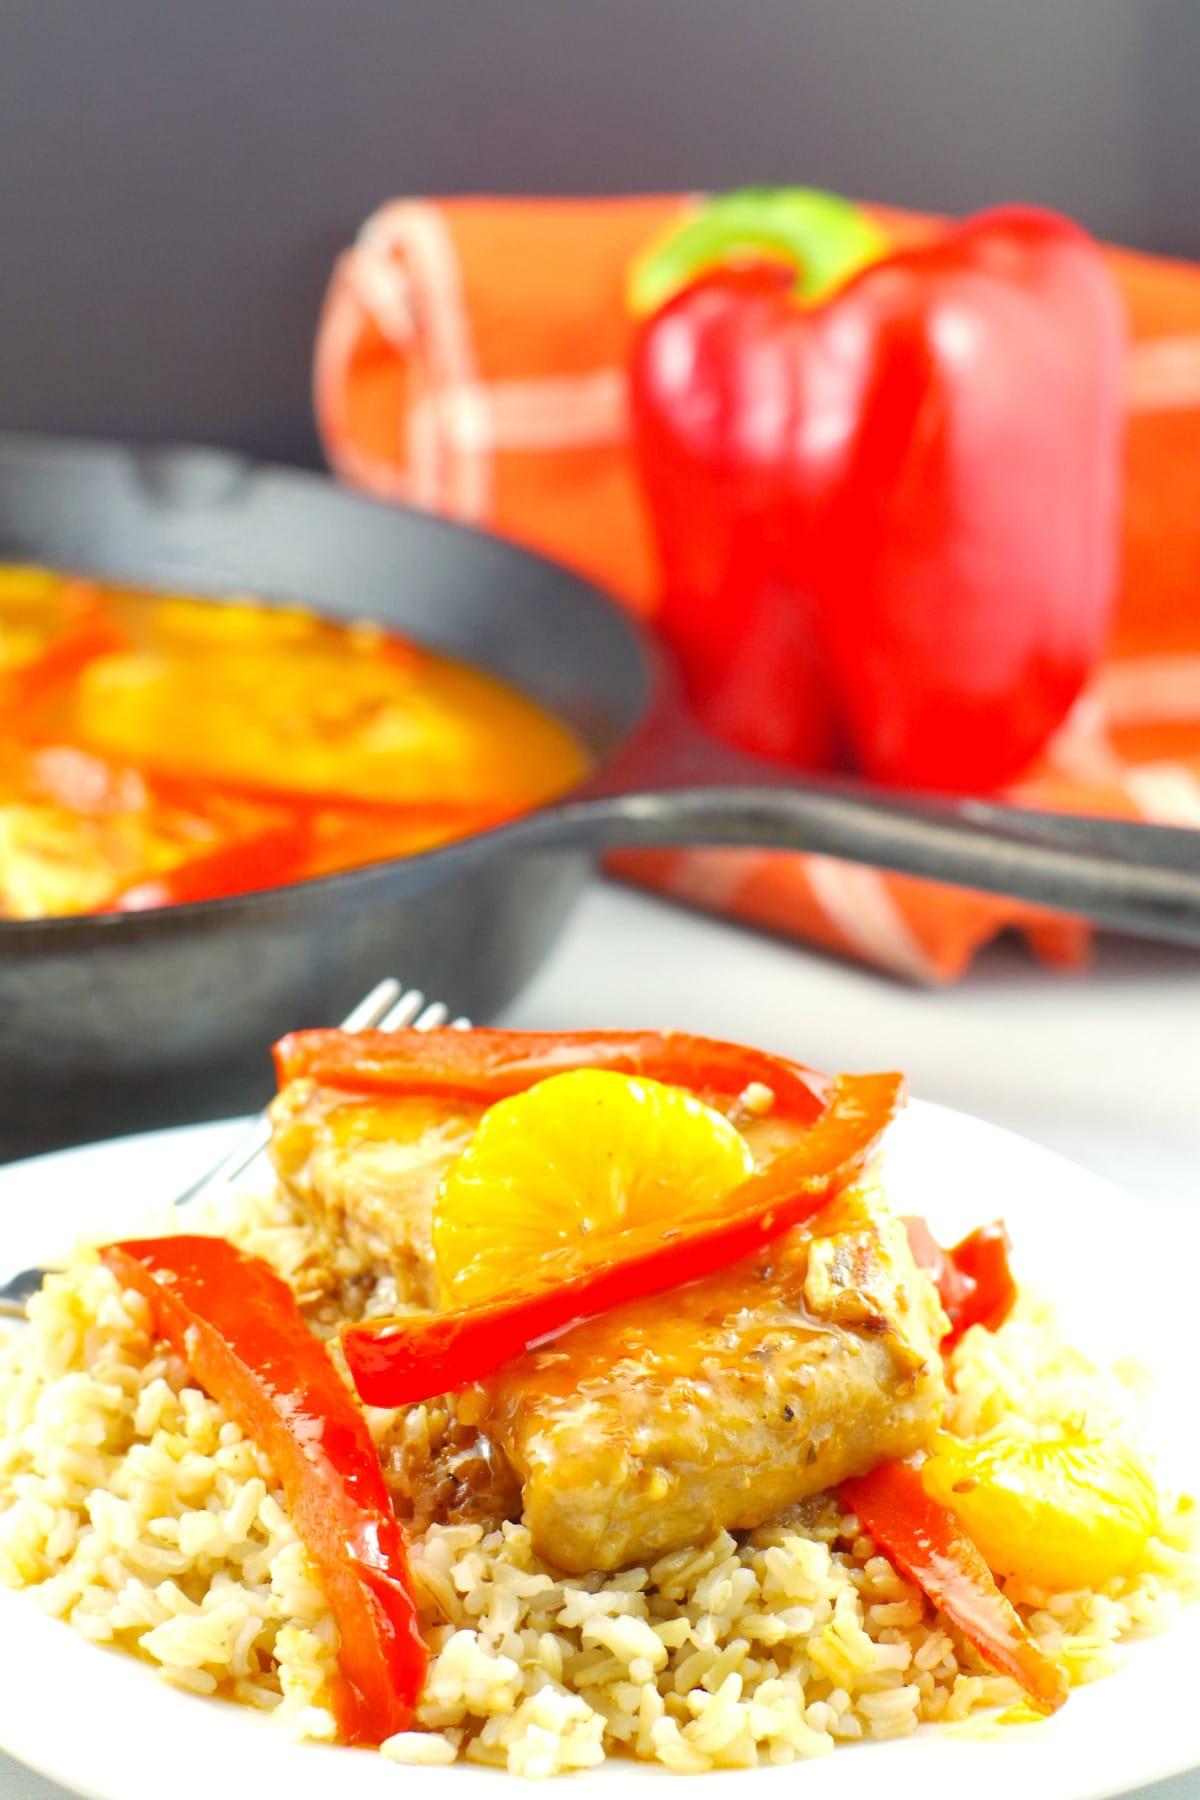 Mandarin Orange & Red Pepper Pork - Easy Pork Dinner - foodmeanderings.com